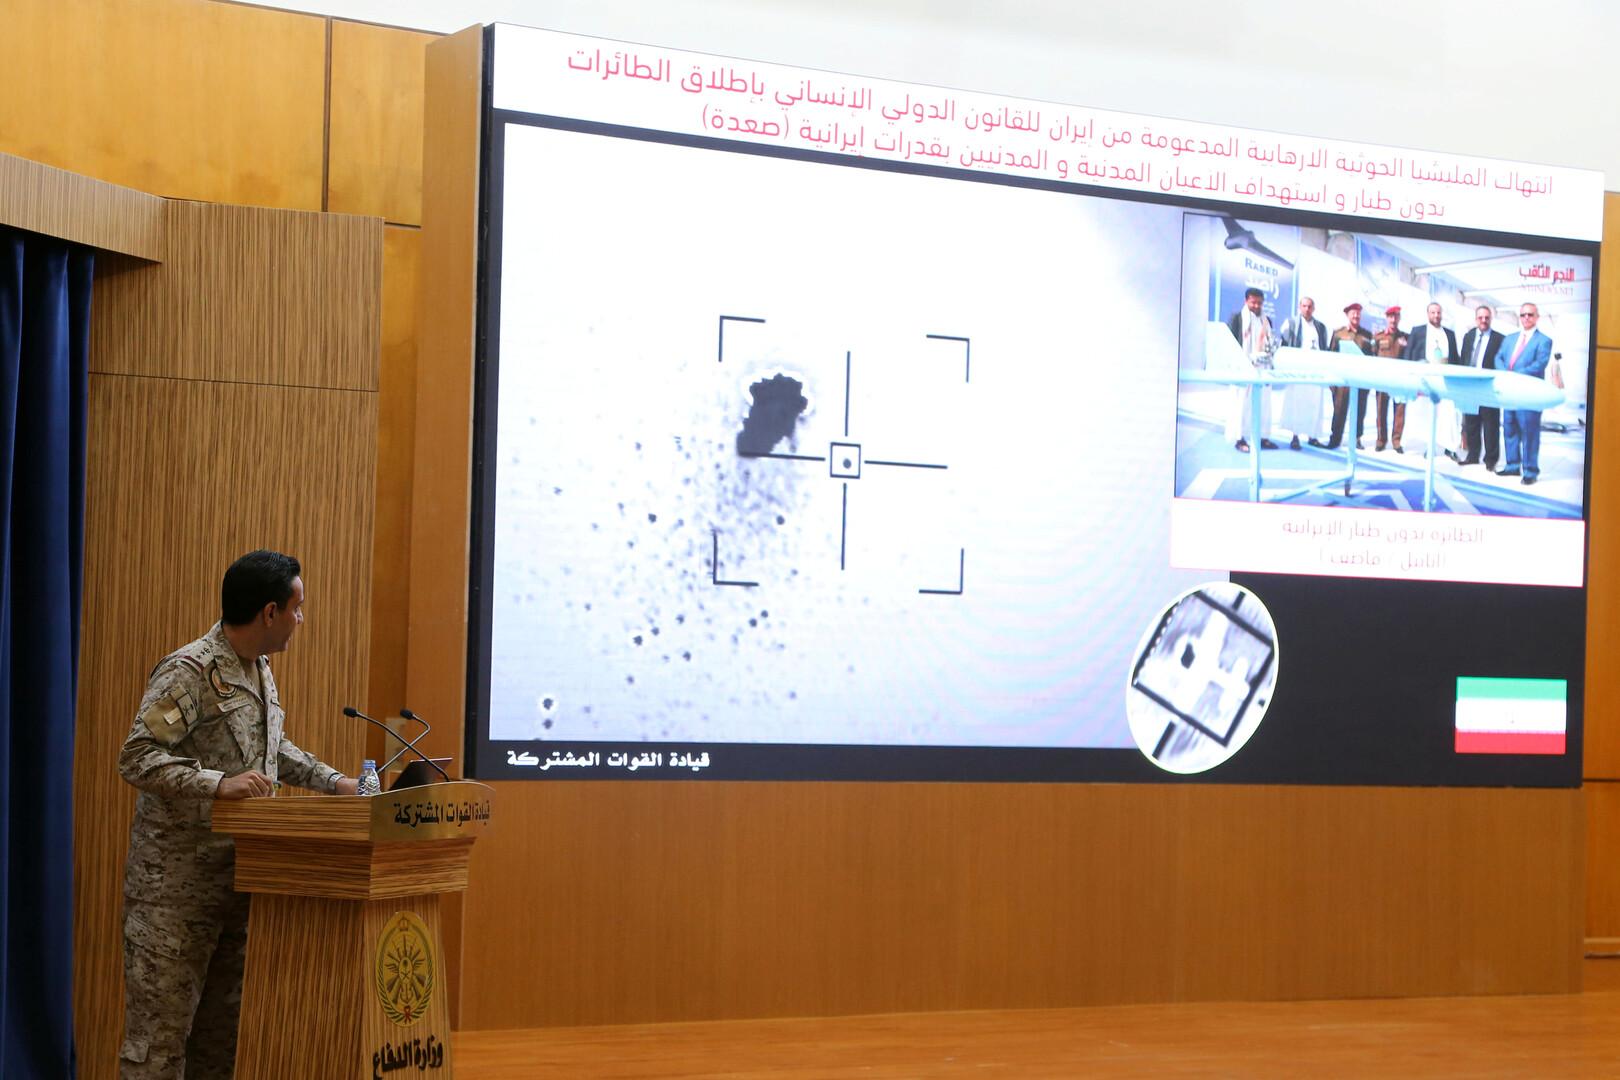 نتيجة بحث الصور عن مستشار روحاني: المؤتمر الصحفي للتحالف العربي كارثة إعلامية